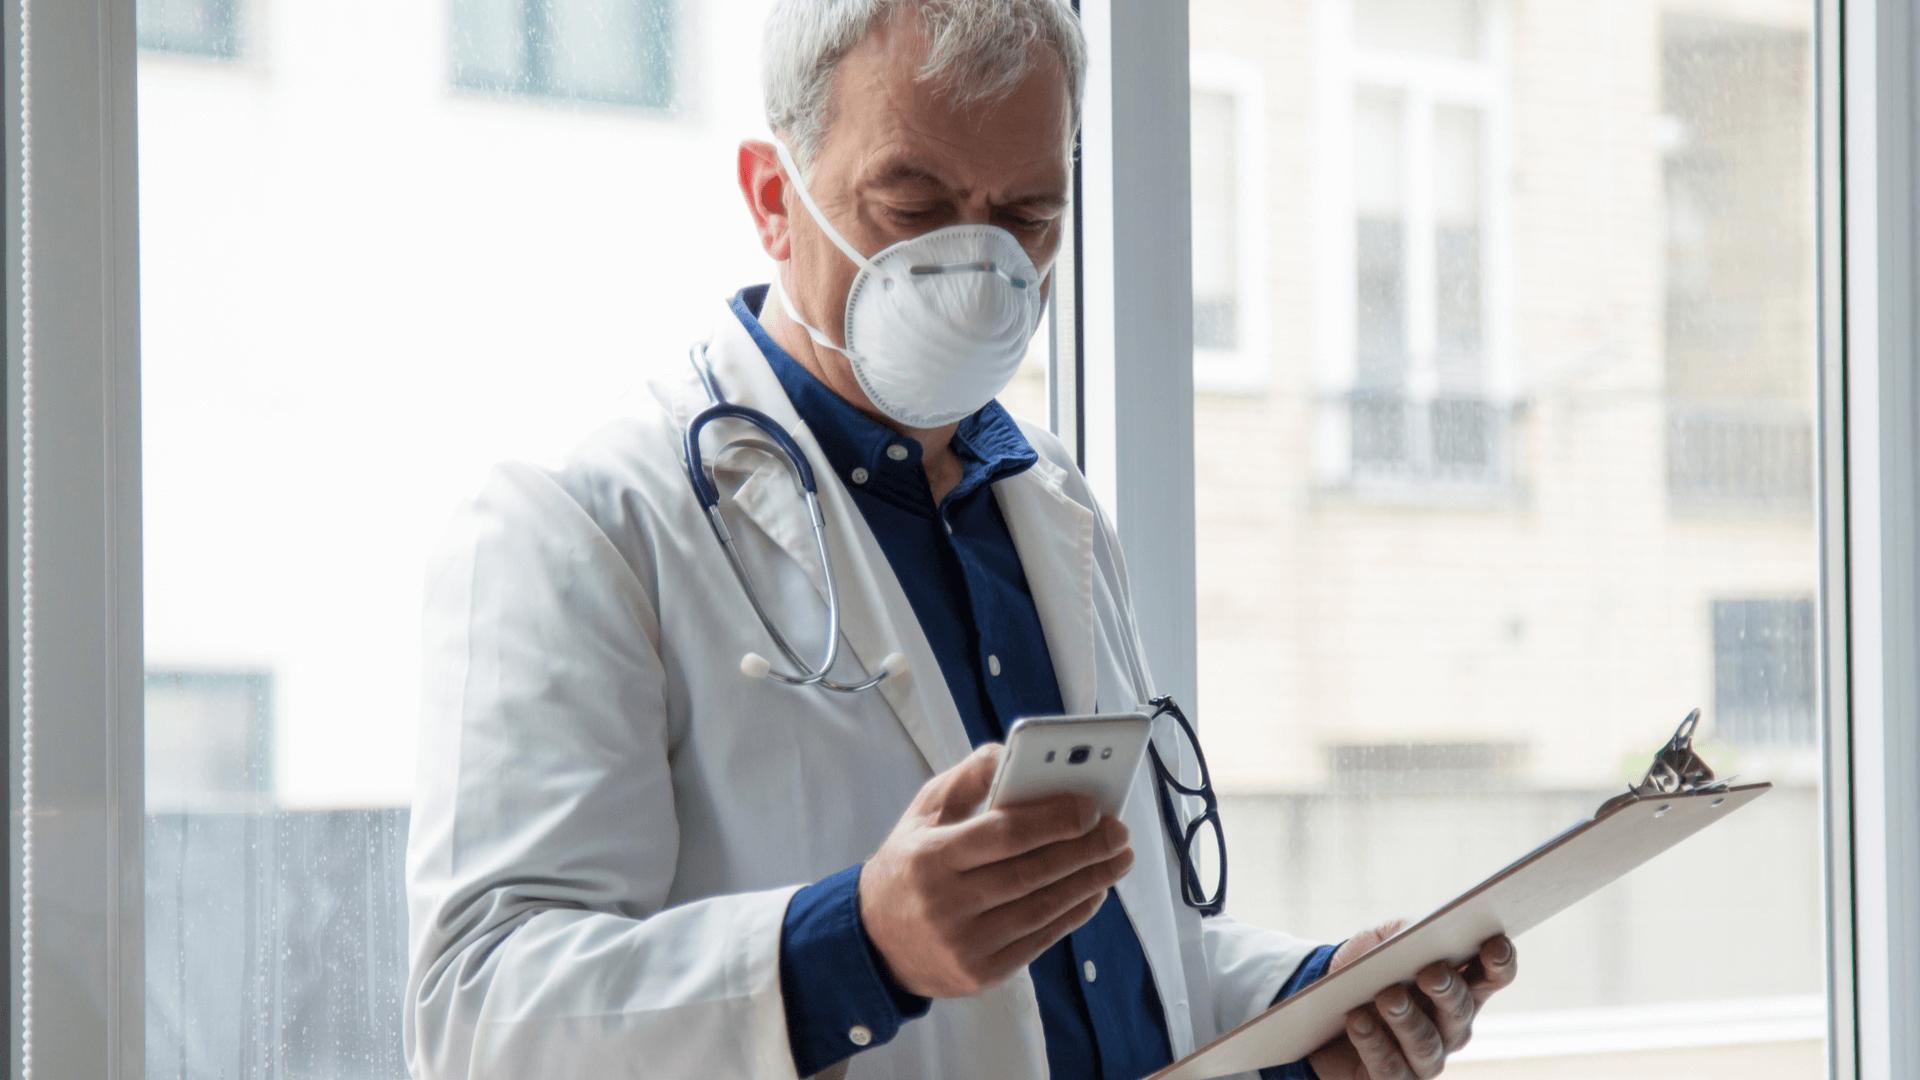 Aktualizacja 8.14 - dostępna - lekarz czytający wiadomości